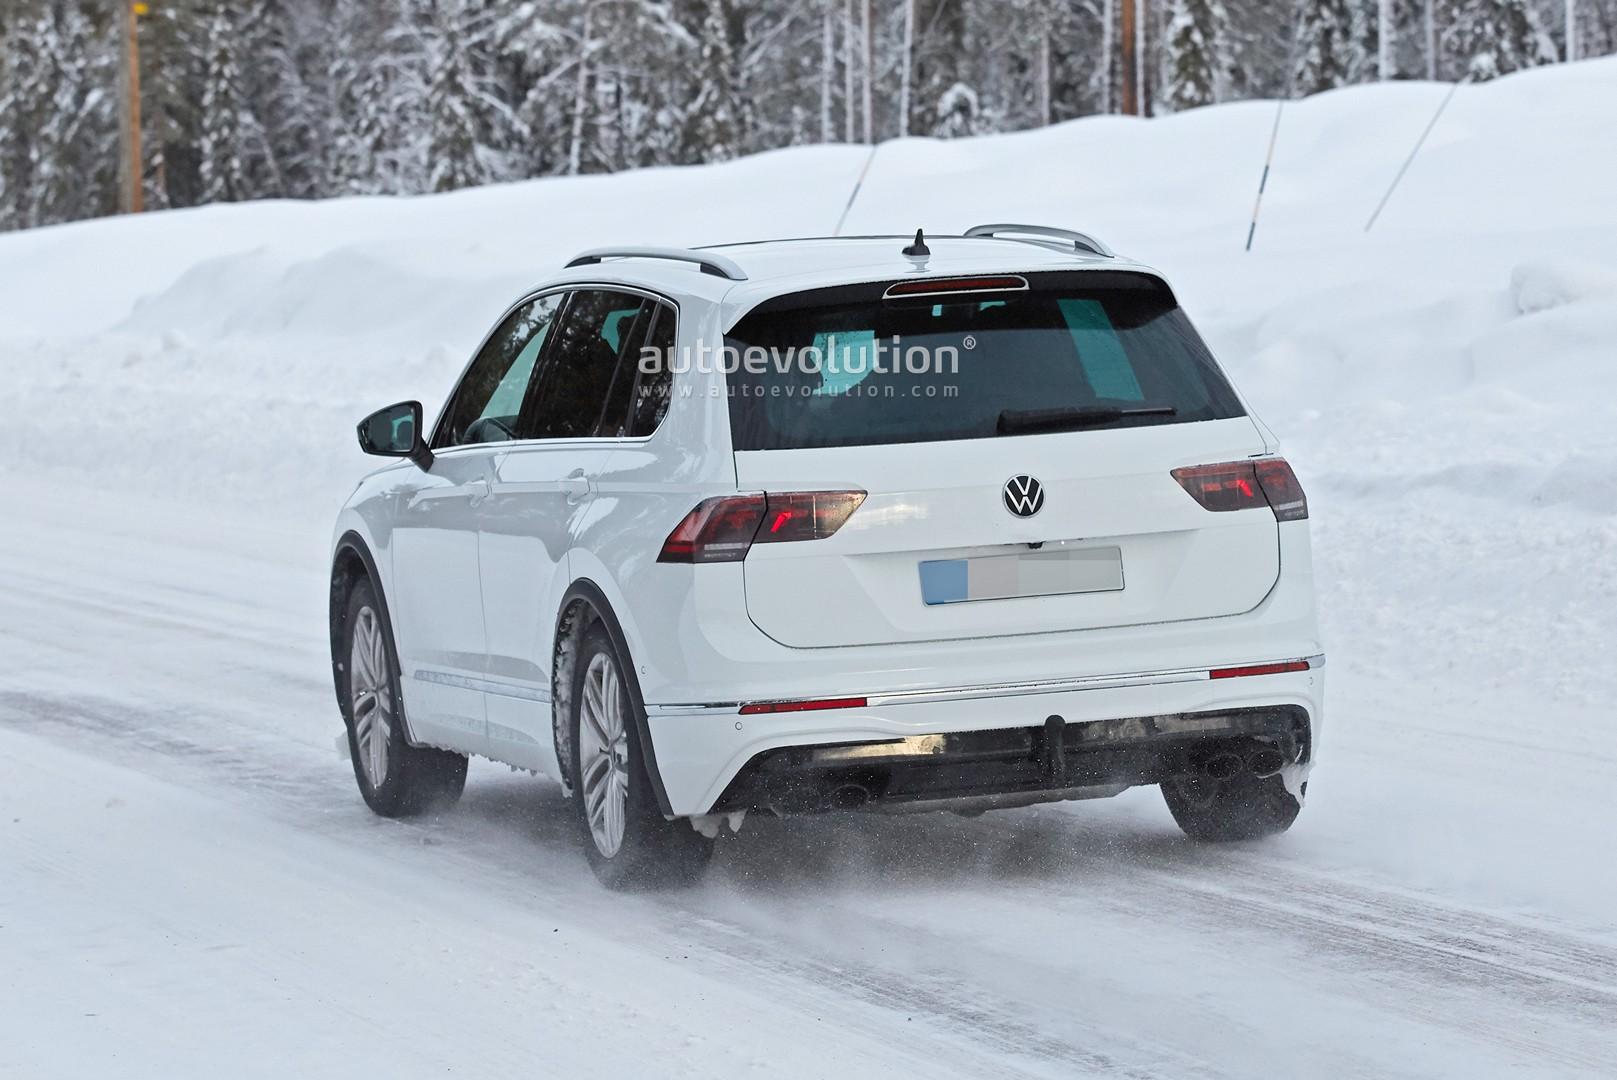 2021 Volkswagen Tiguan R Spied, Should Get 333 HP from 2.0 ...